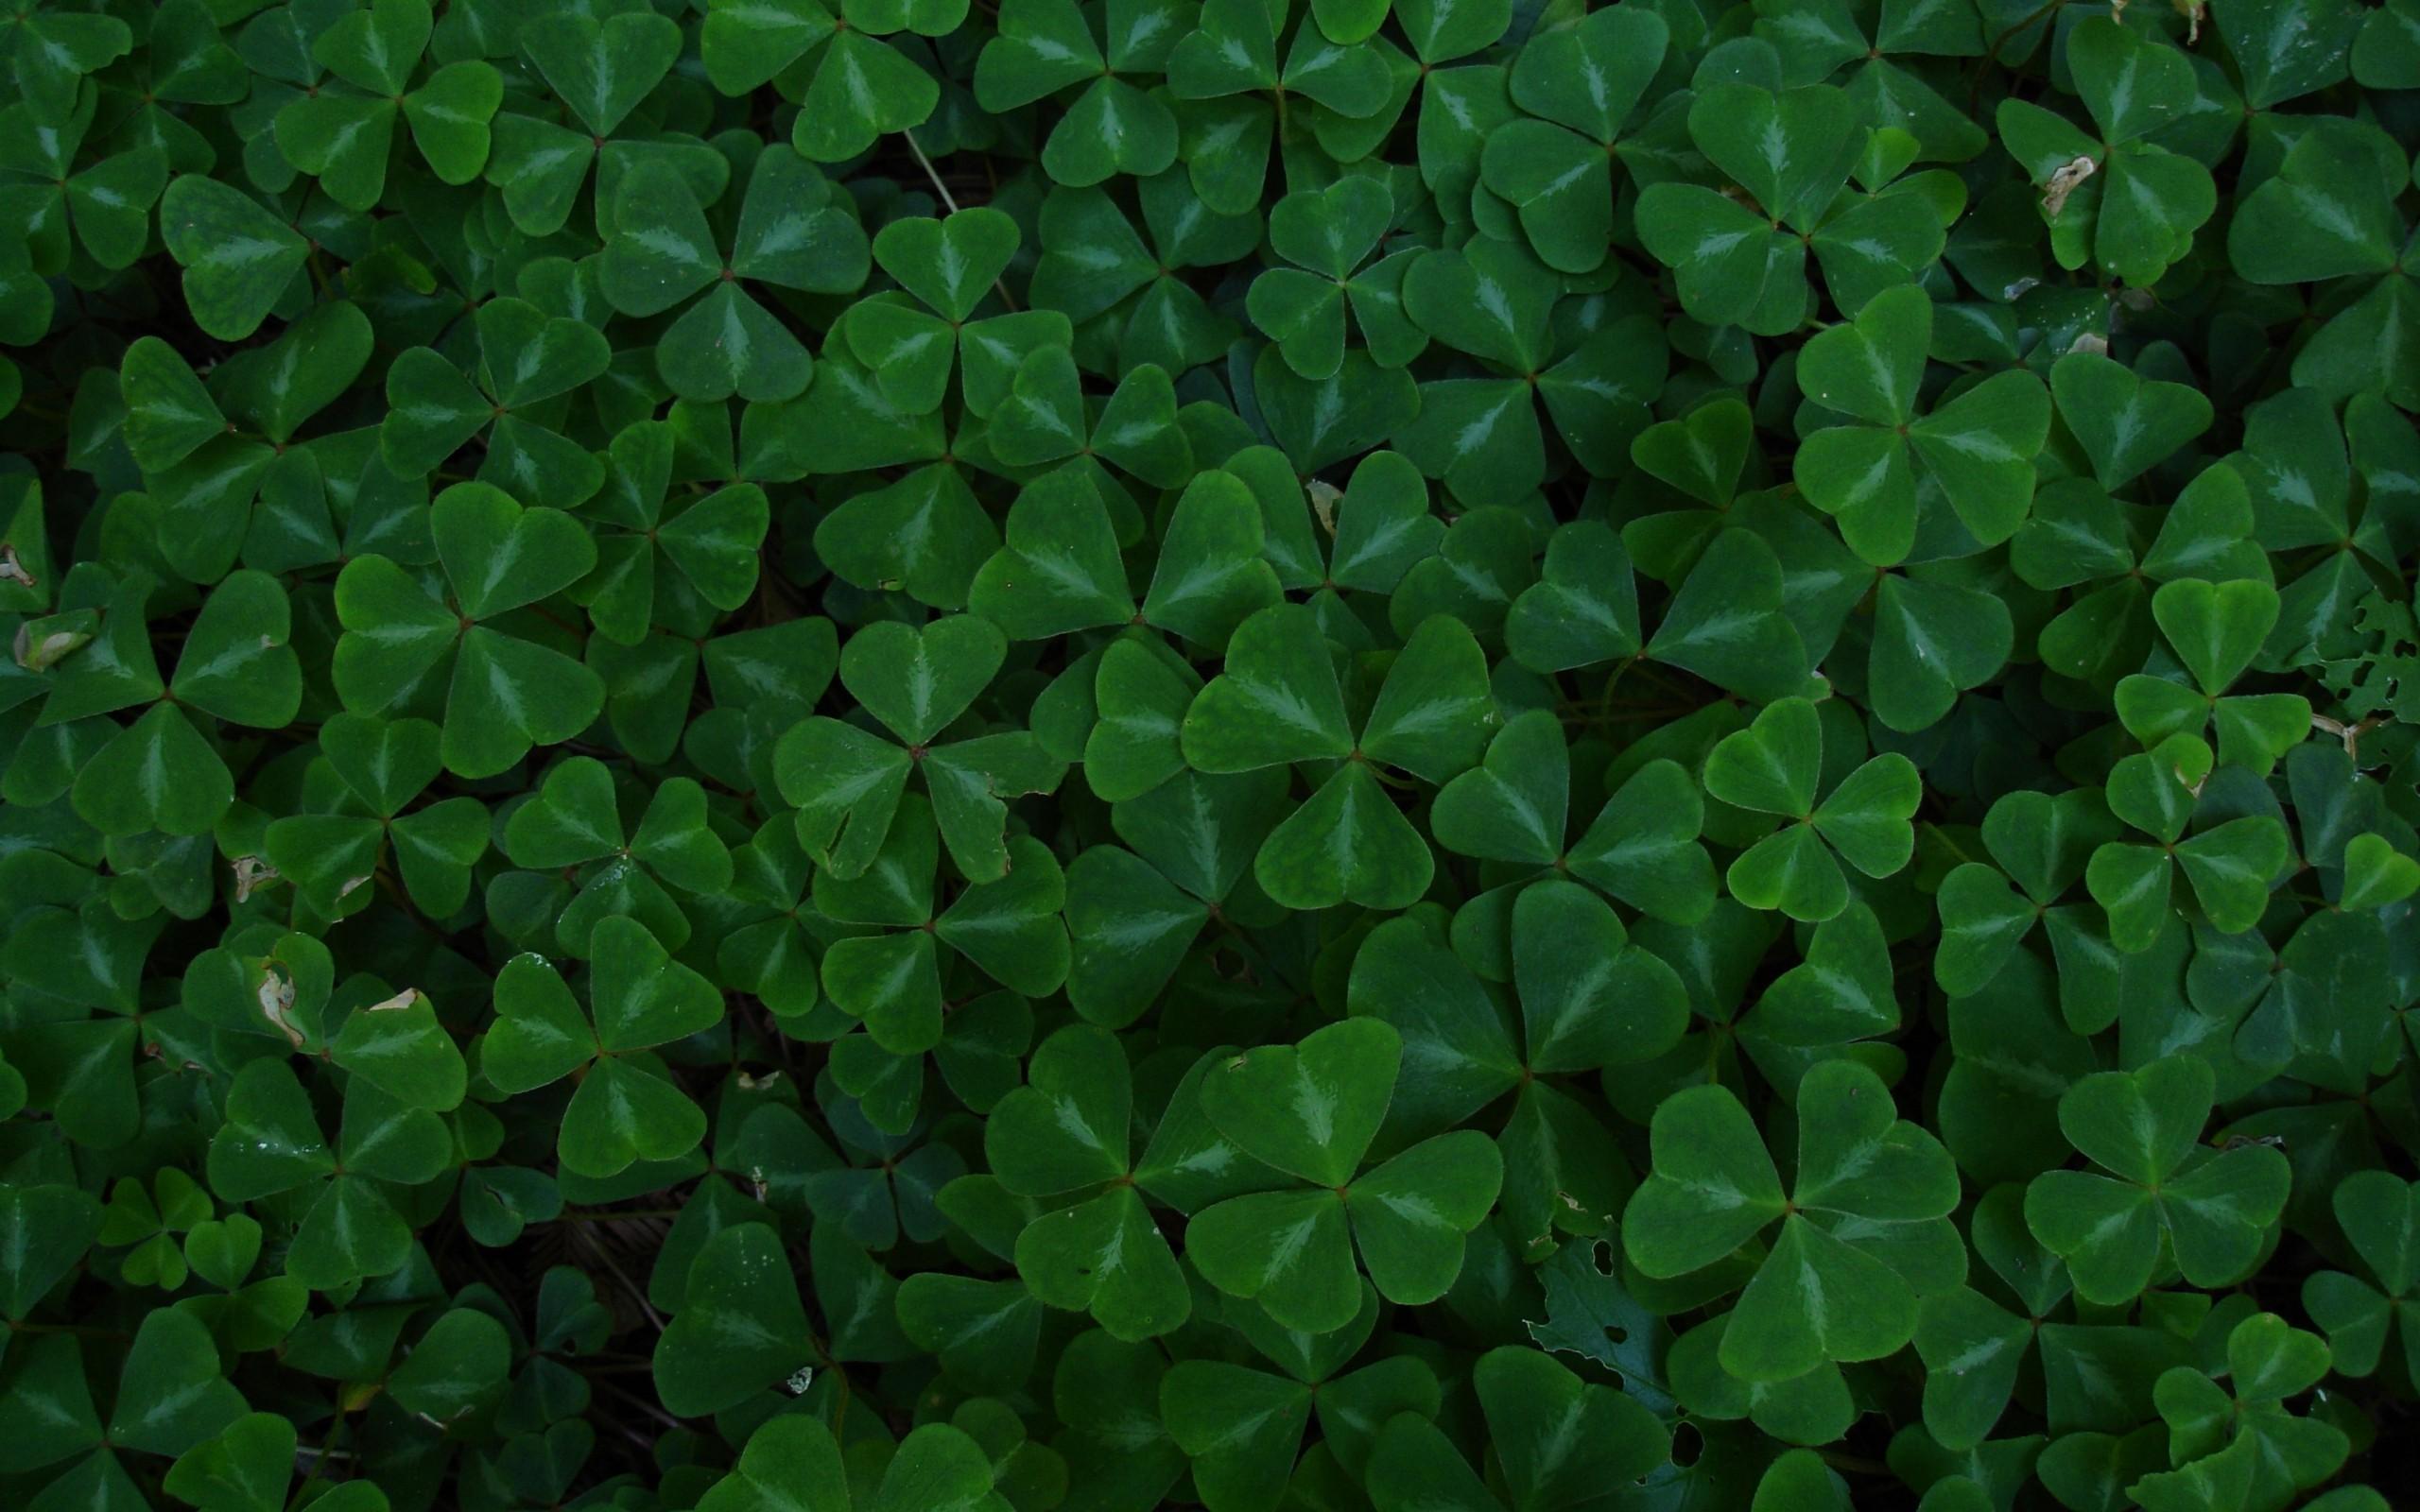 clover wallpaper 1080p hd